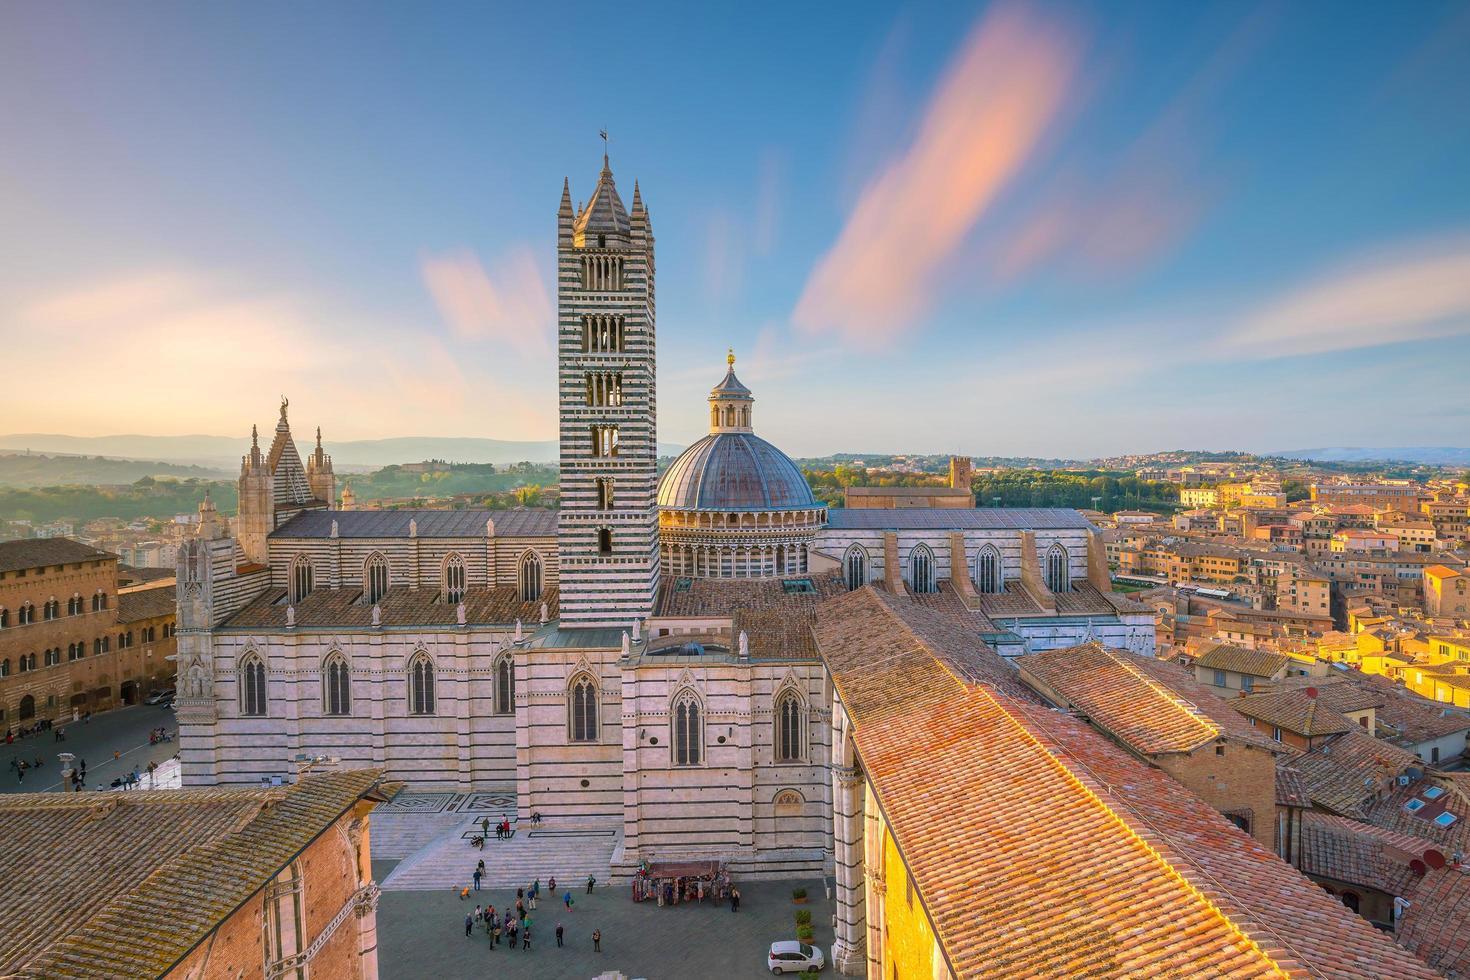 duomo di siena eller storstads katedralen Santa Maria Assunta i Siena, Italien. foto